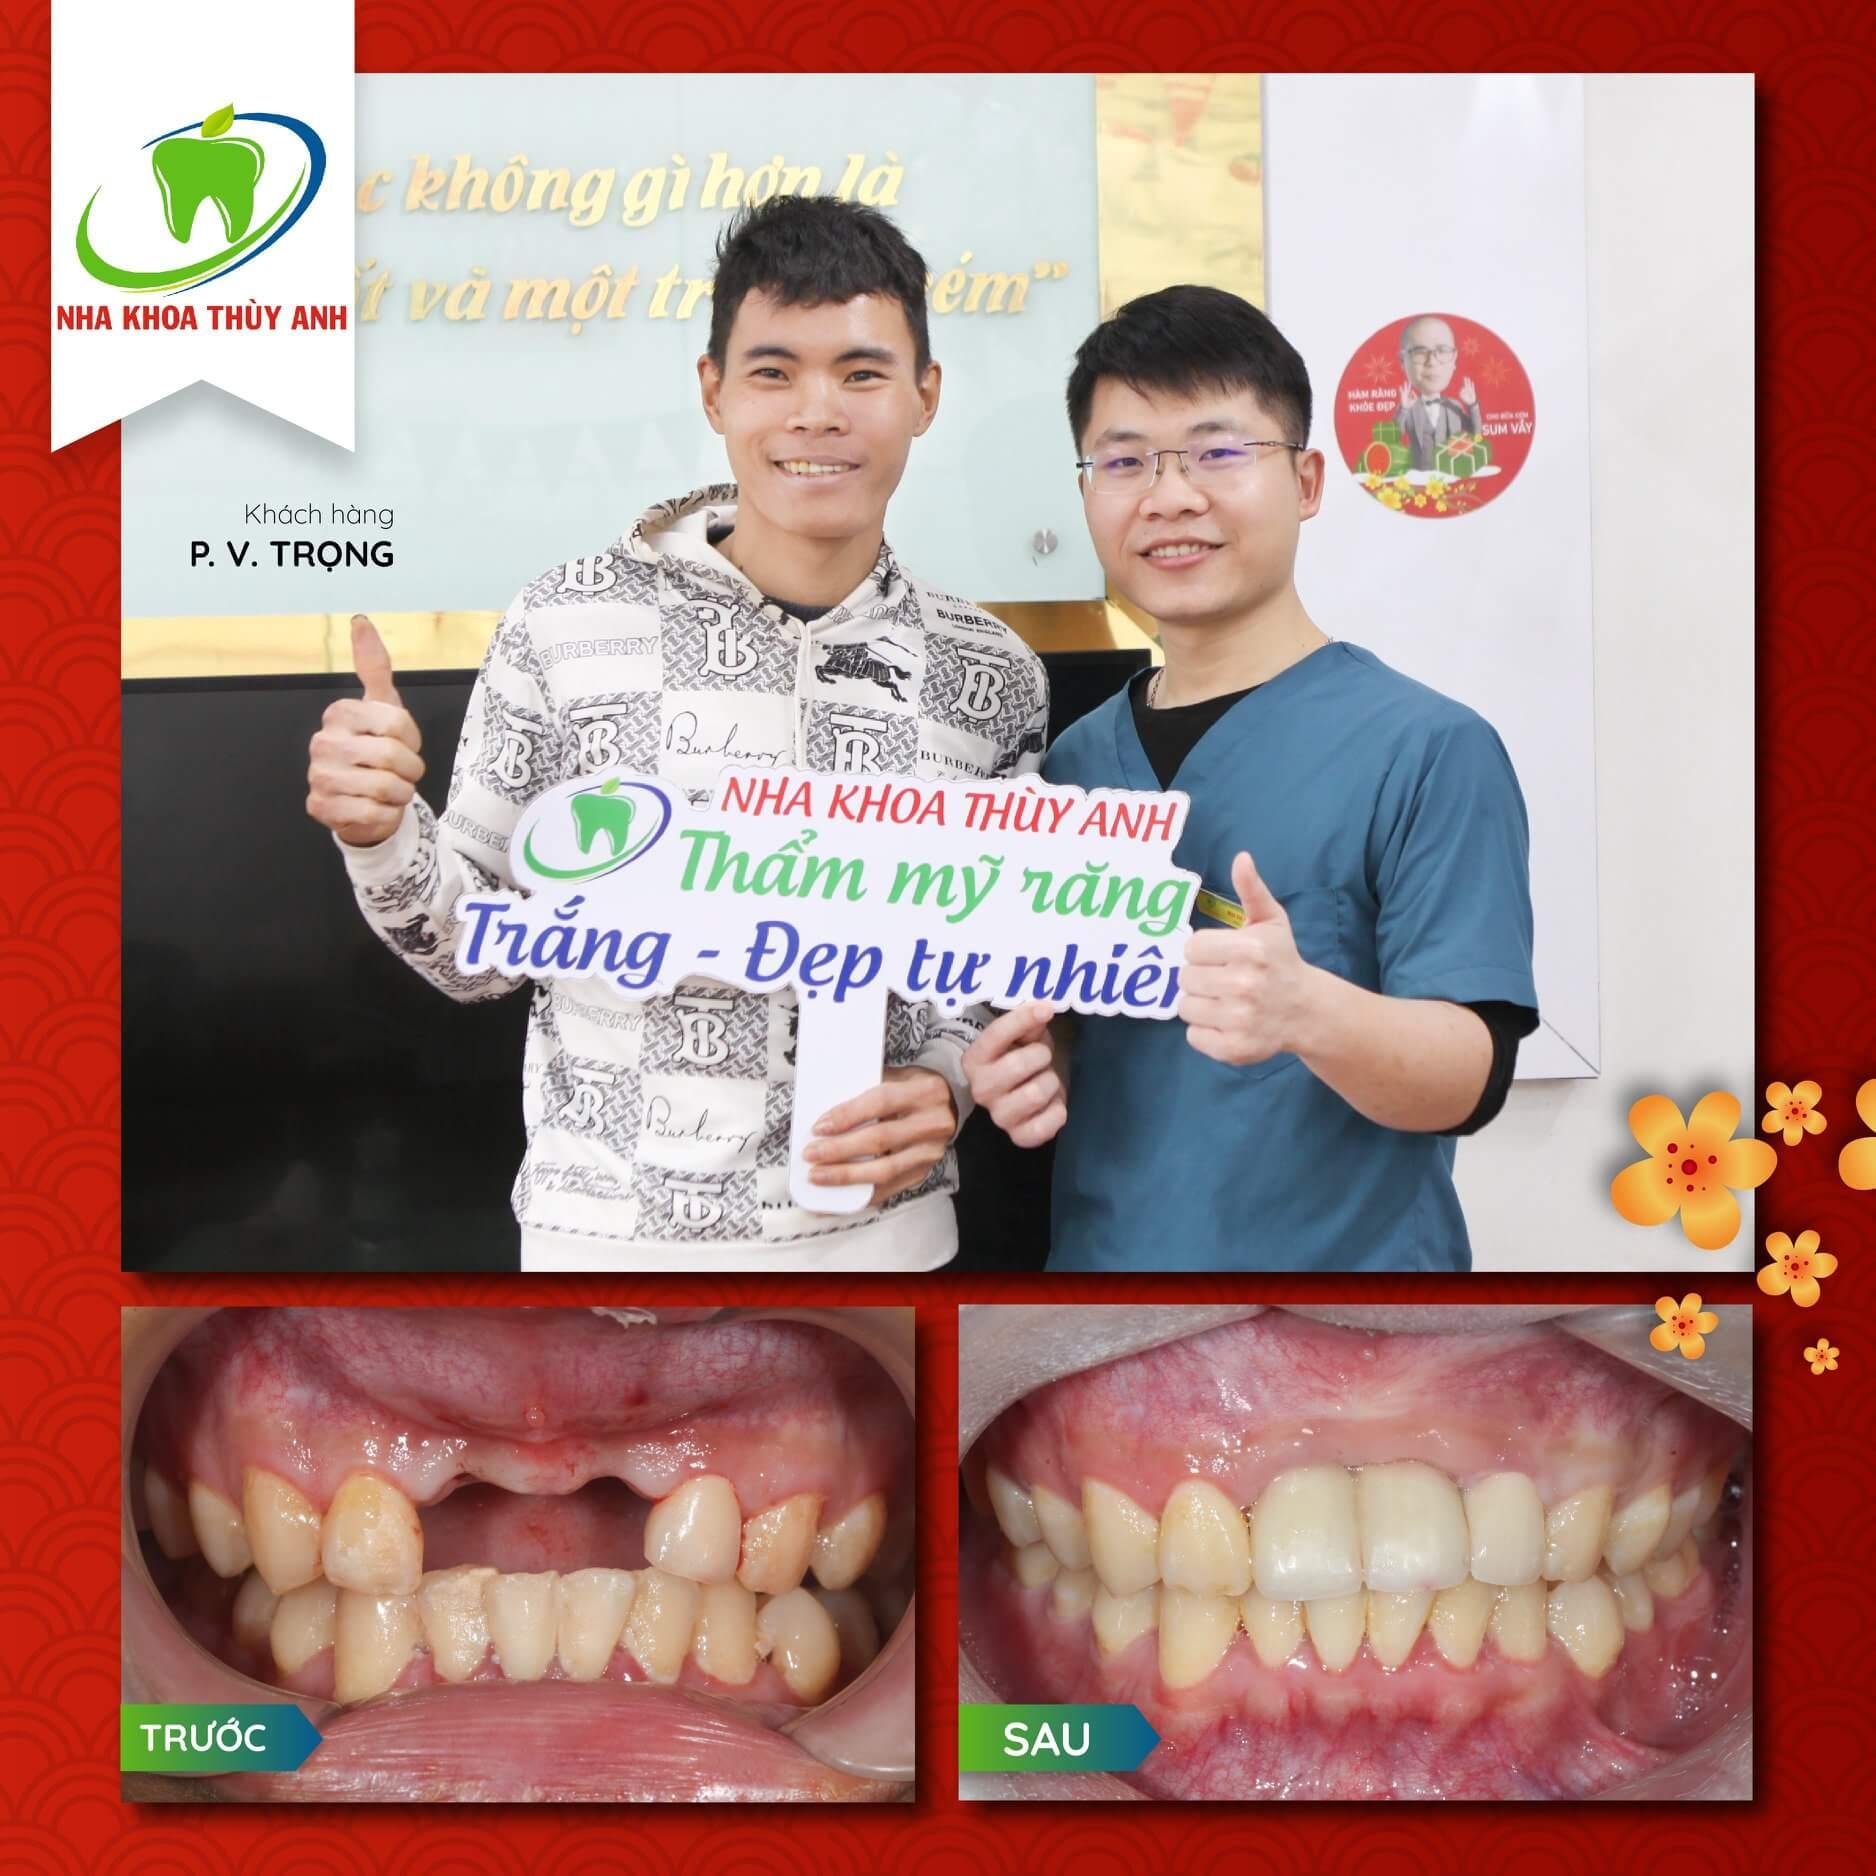 Gãy răng cửa: Cách khắc phục hiệu quả, thẩm mỹ và tiết kiệm